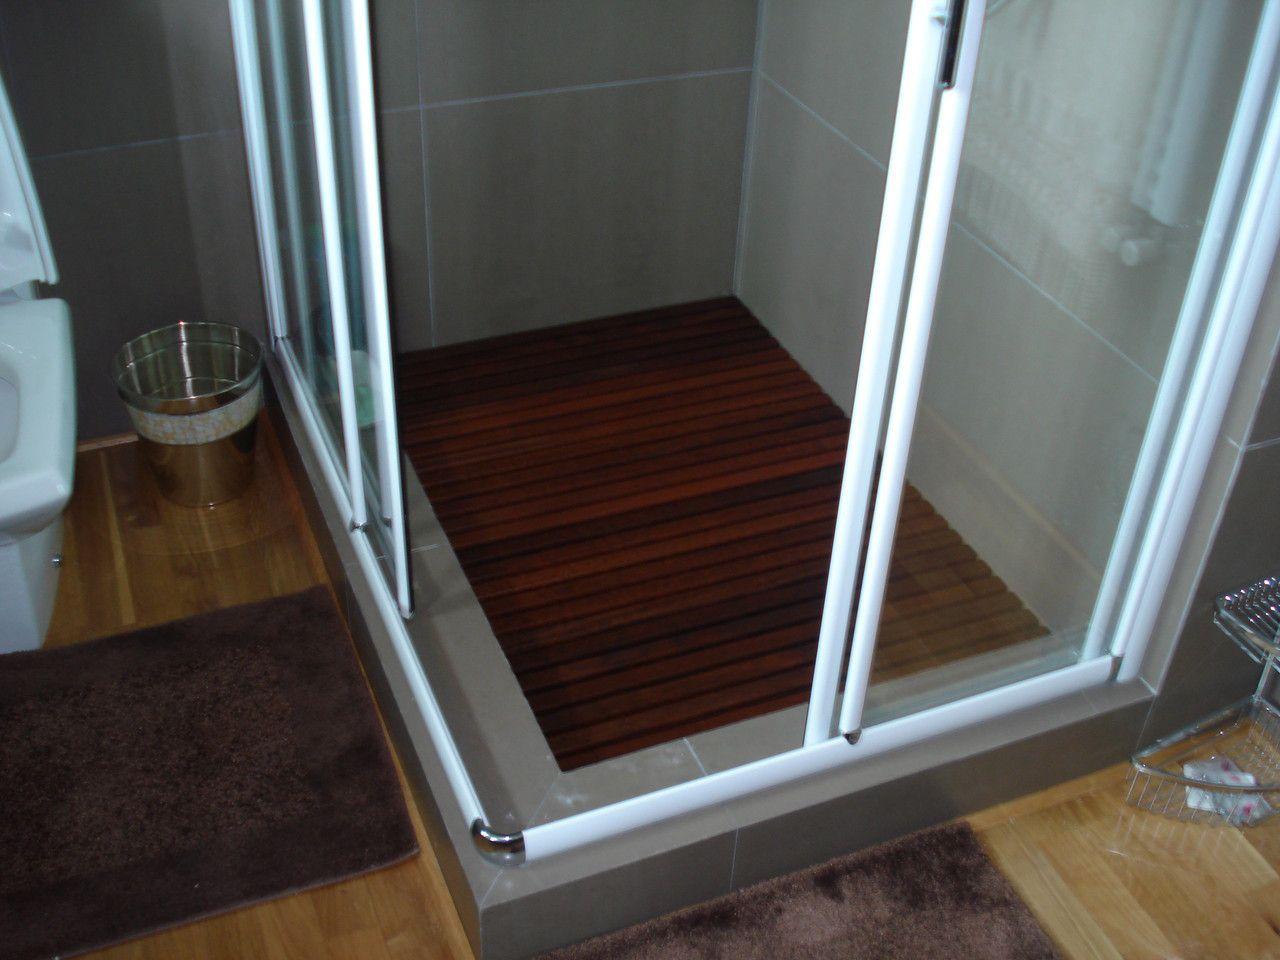 2 Un Deck Madeira Chuveiro Box Banheiro Capacho 60x60 Cm Pintado